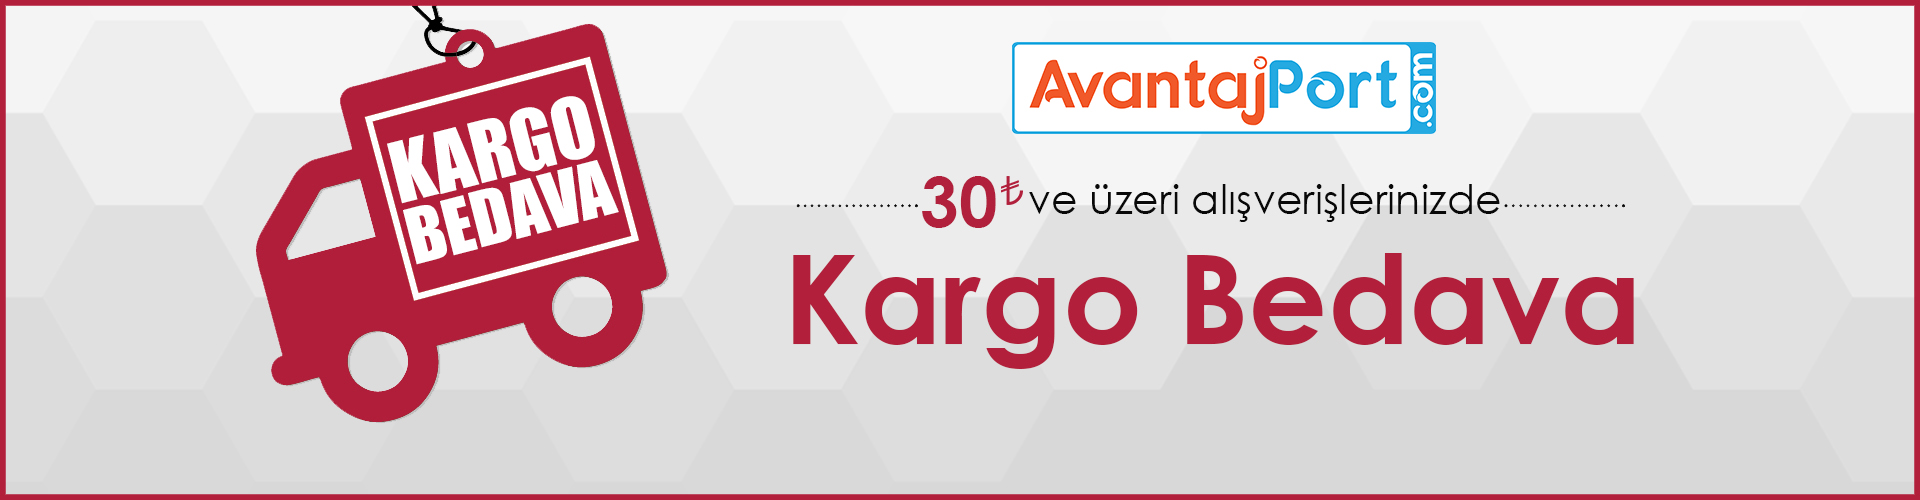 Avantajport.com Tüm Ürünlerde Ücretsiz Kargo